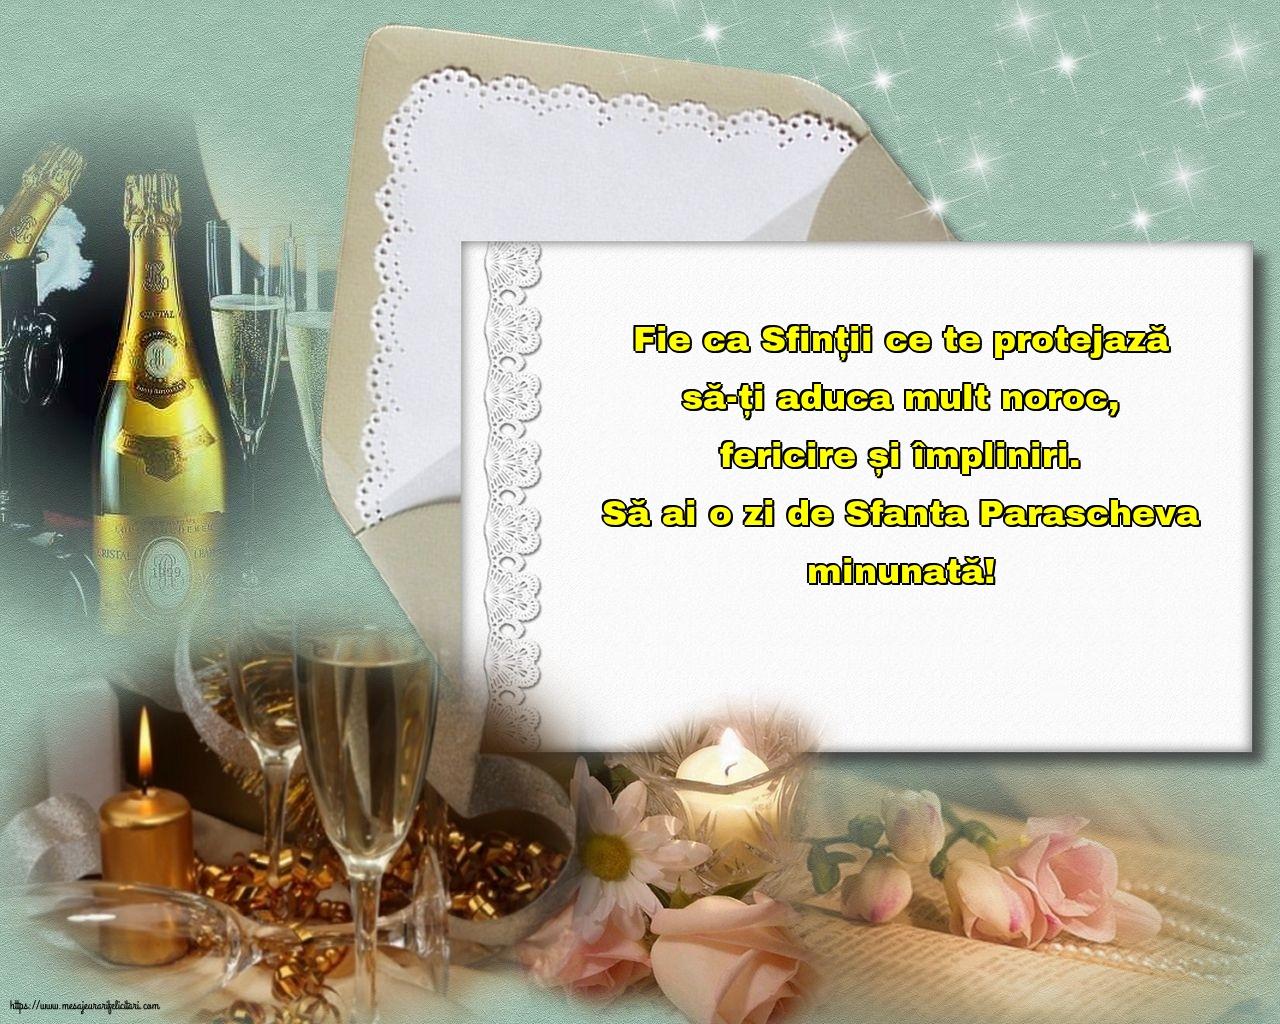 Felicitari de Sfanta Parascheva cu mesaje - Să ai o zi de Sfanta Parascheva minunată!